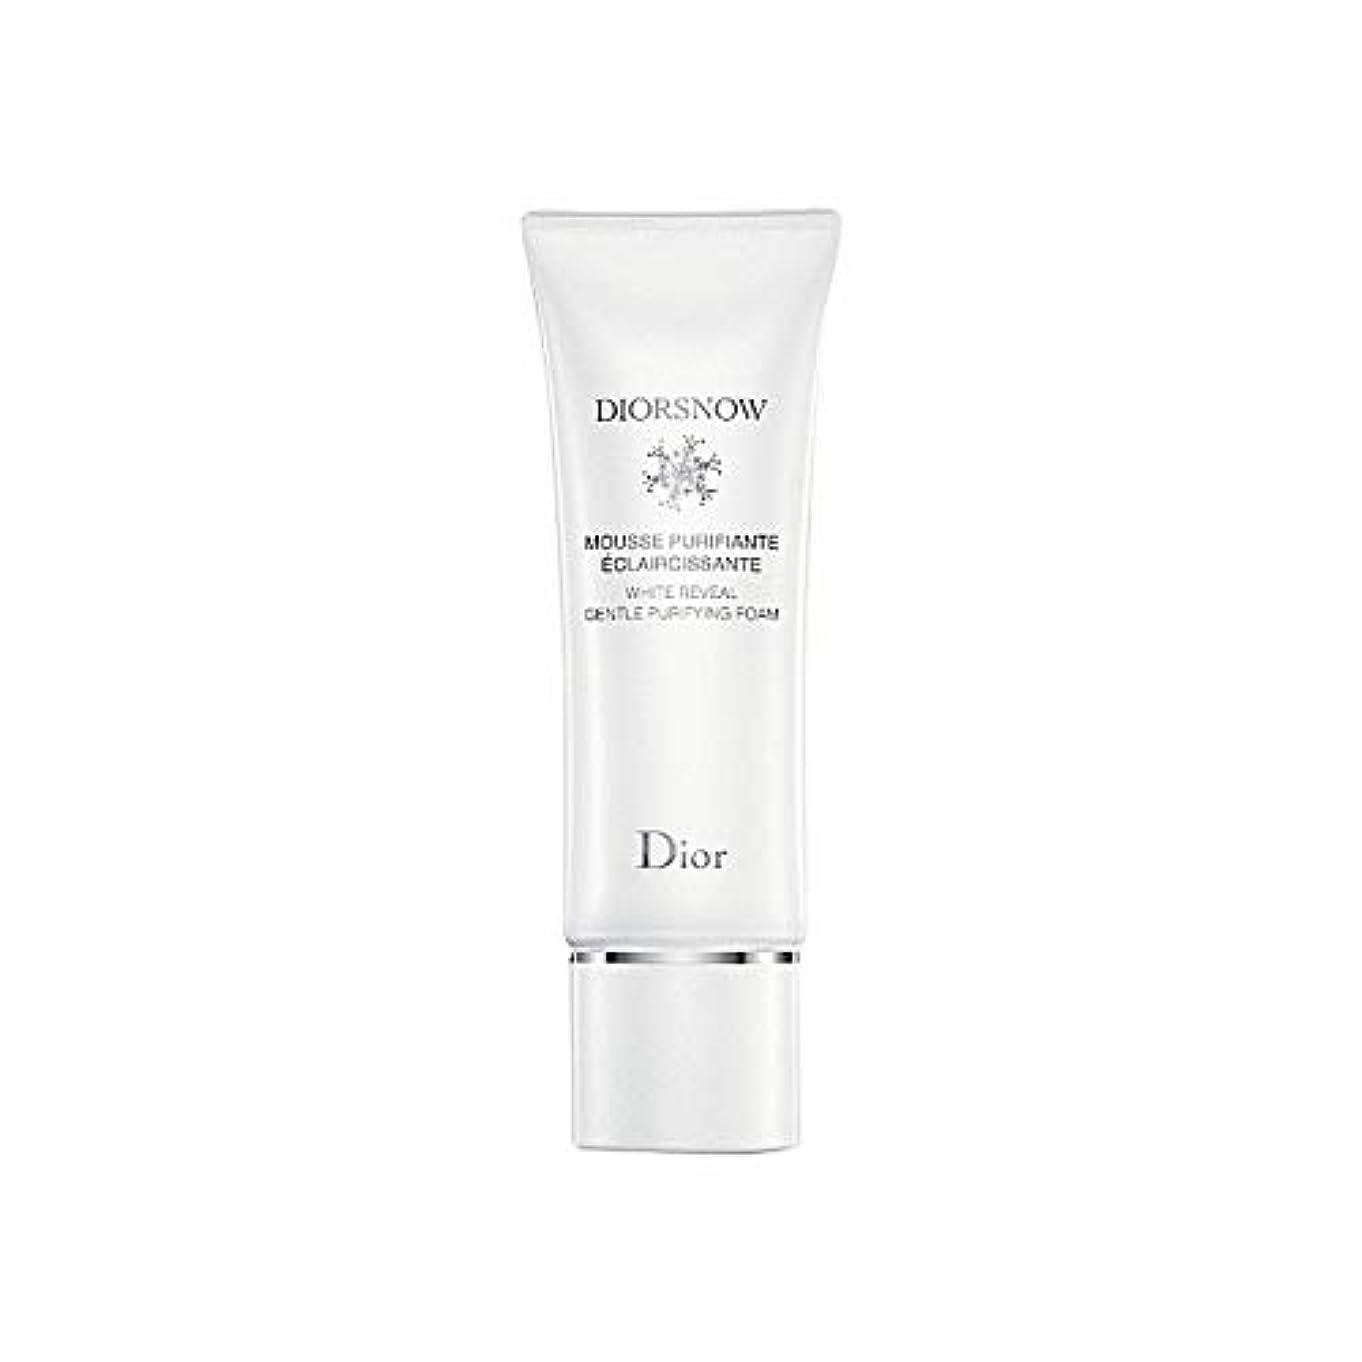 すべきしかしながらの面では[Dior] ディオールディオールスノー浄化フォーム - Dior Diorsnow Purifying Foam [並行輸入品]